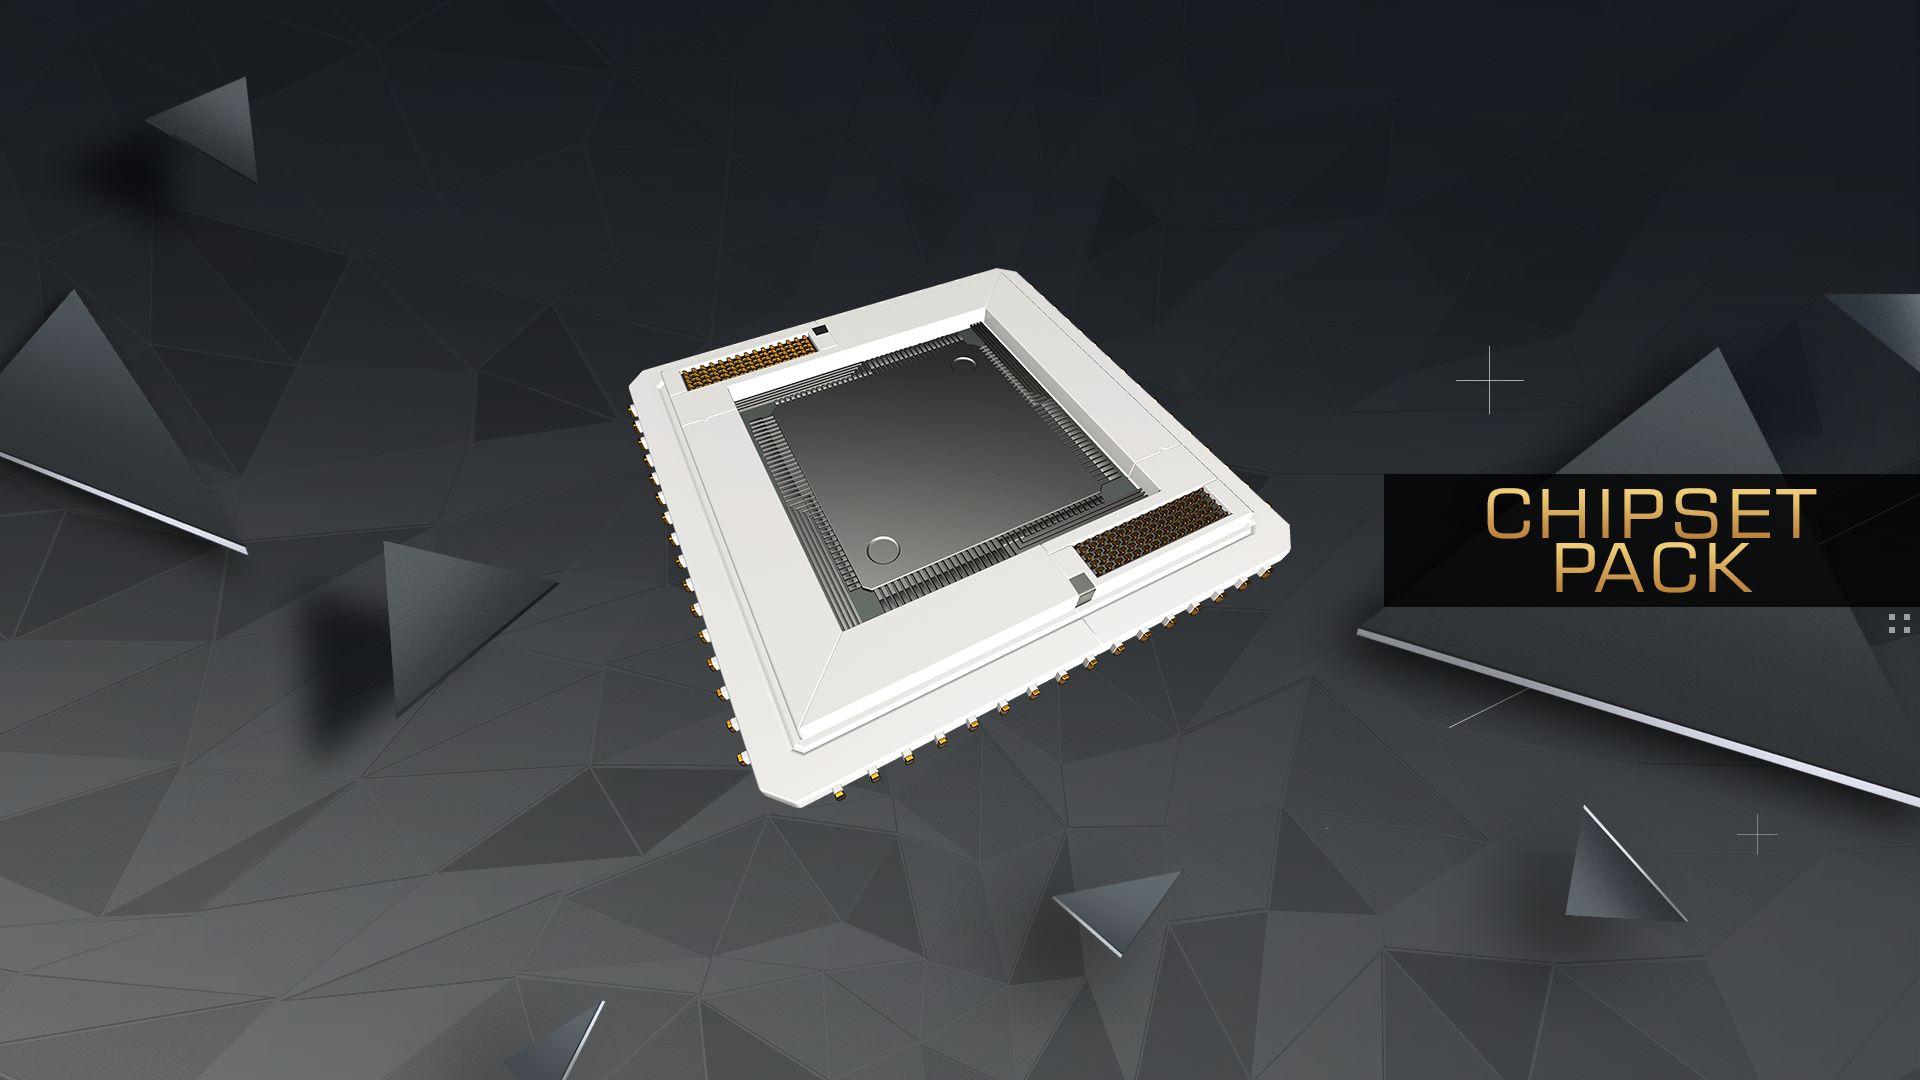 Deus Ex: Mankind Divided - Breach Chipset Pack (x10)